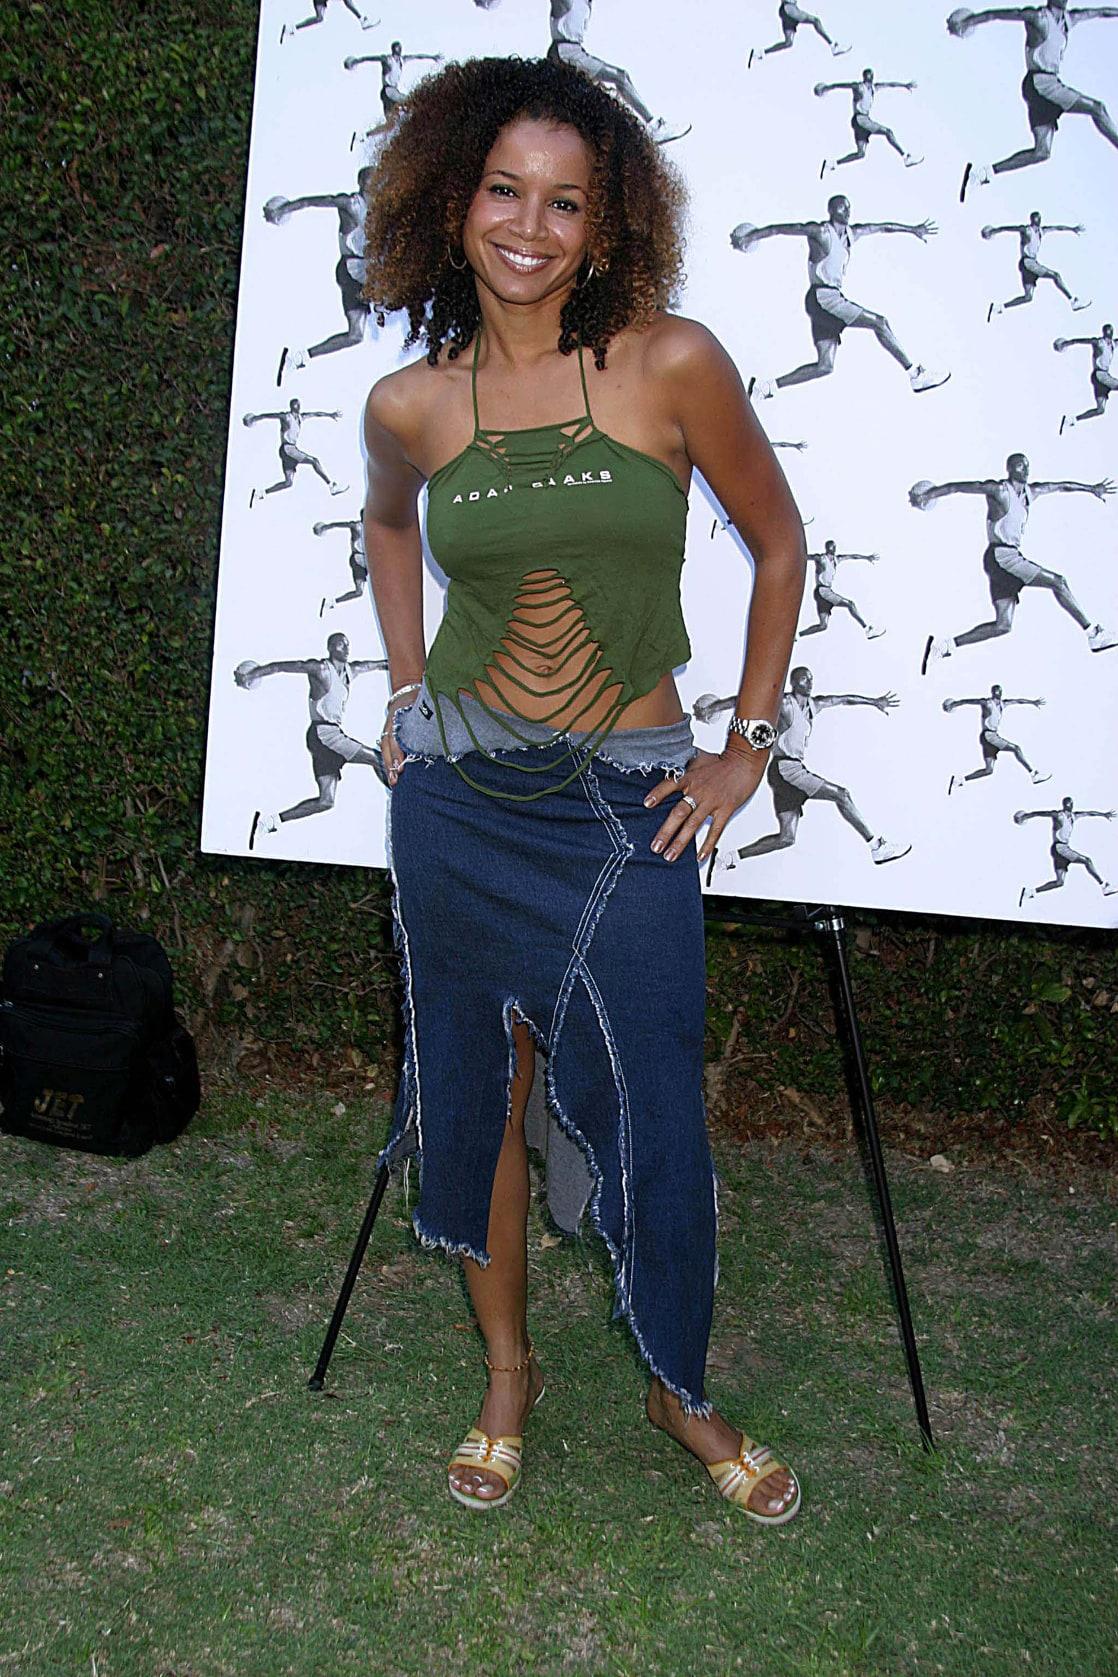 Liezel Lopez (b. 1997) images